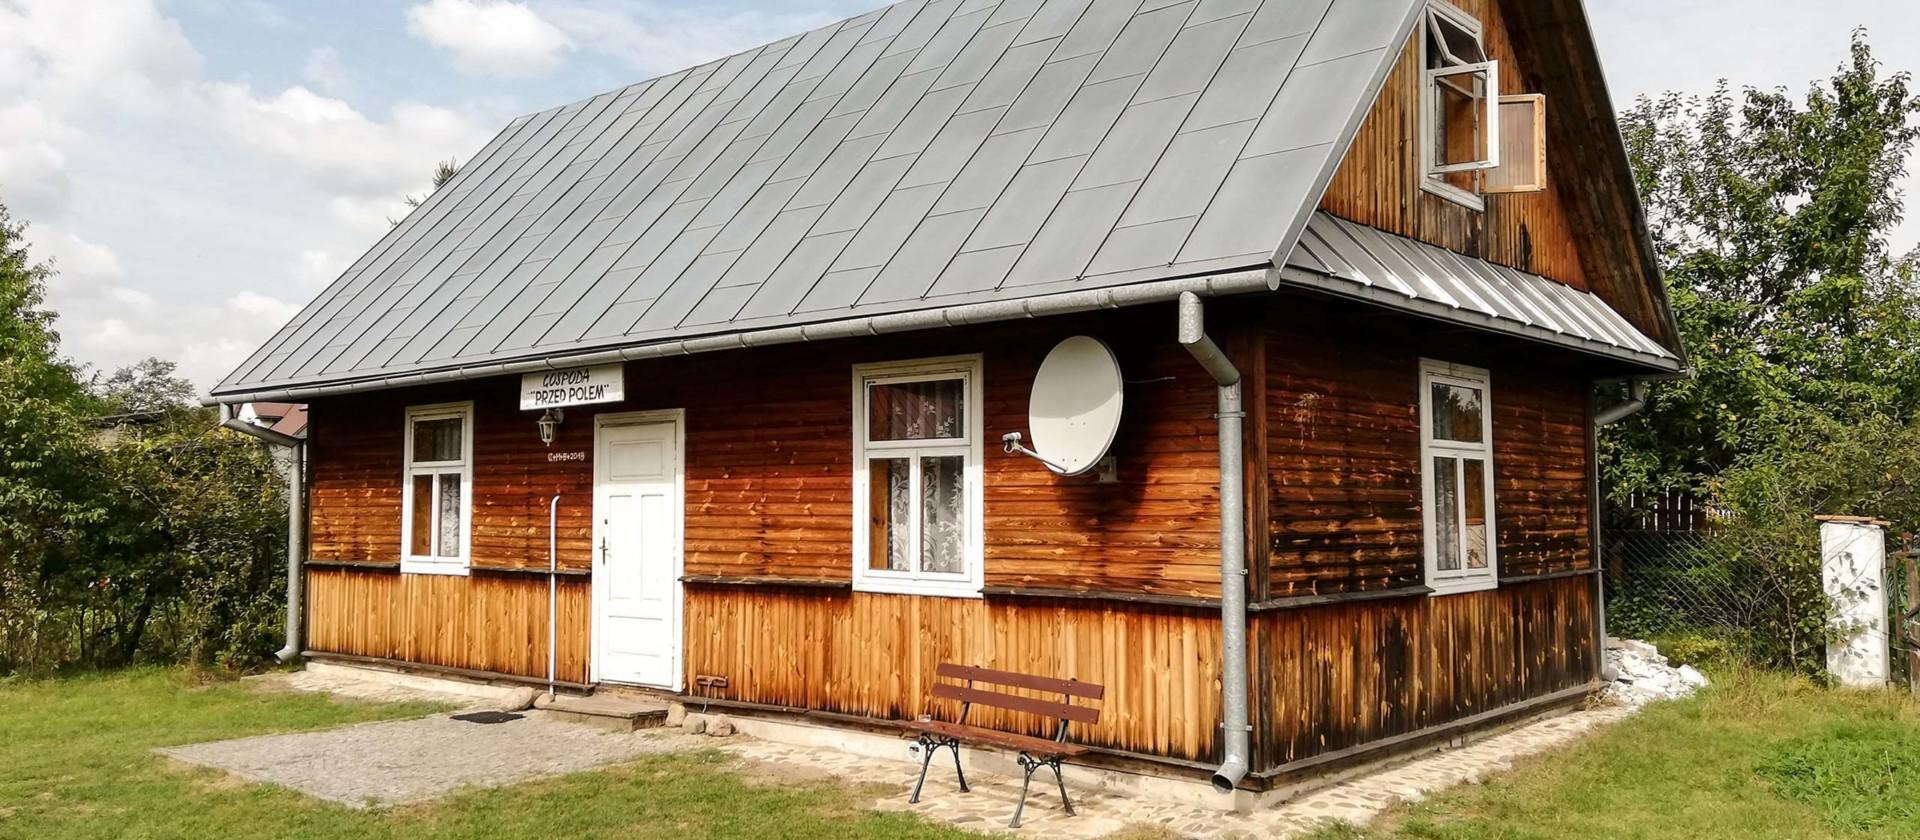 51 - Nieruchomości Krzysztof Górski Zamość, biuro nieruchomości, domy, mieszkania, działki, lokale, sprzedaż nieruchomości, wynajem nieruchomości